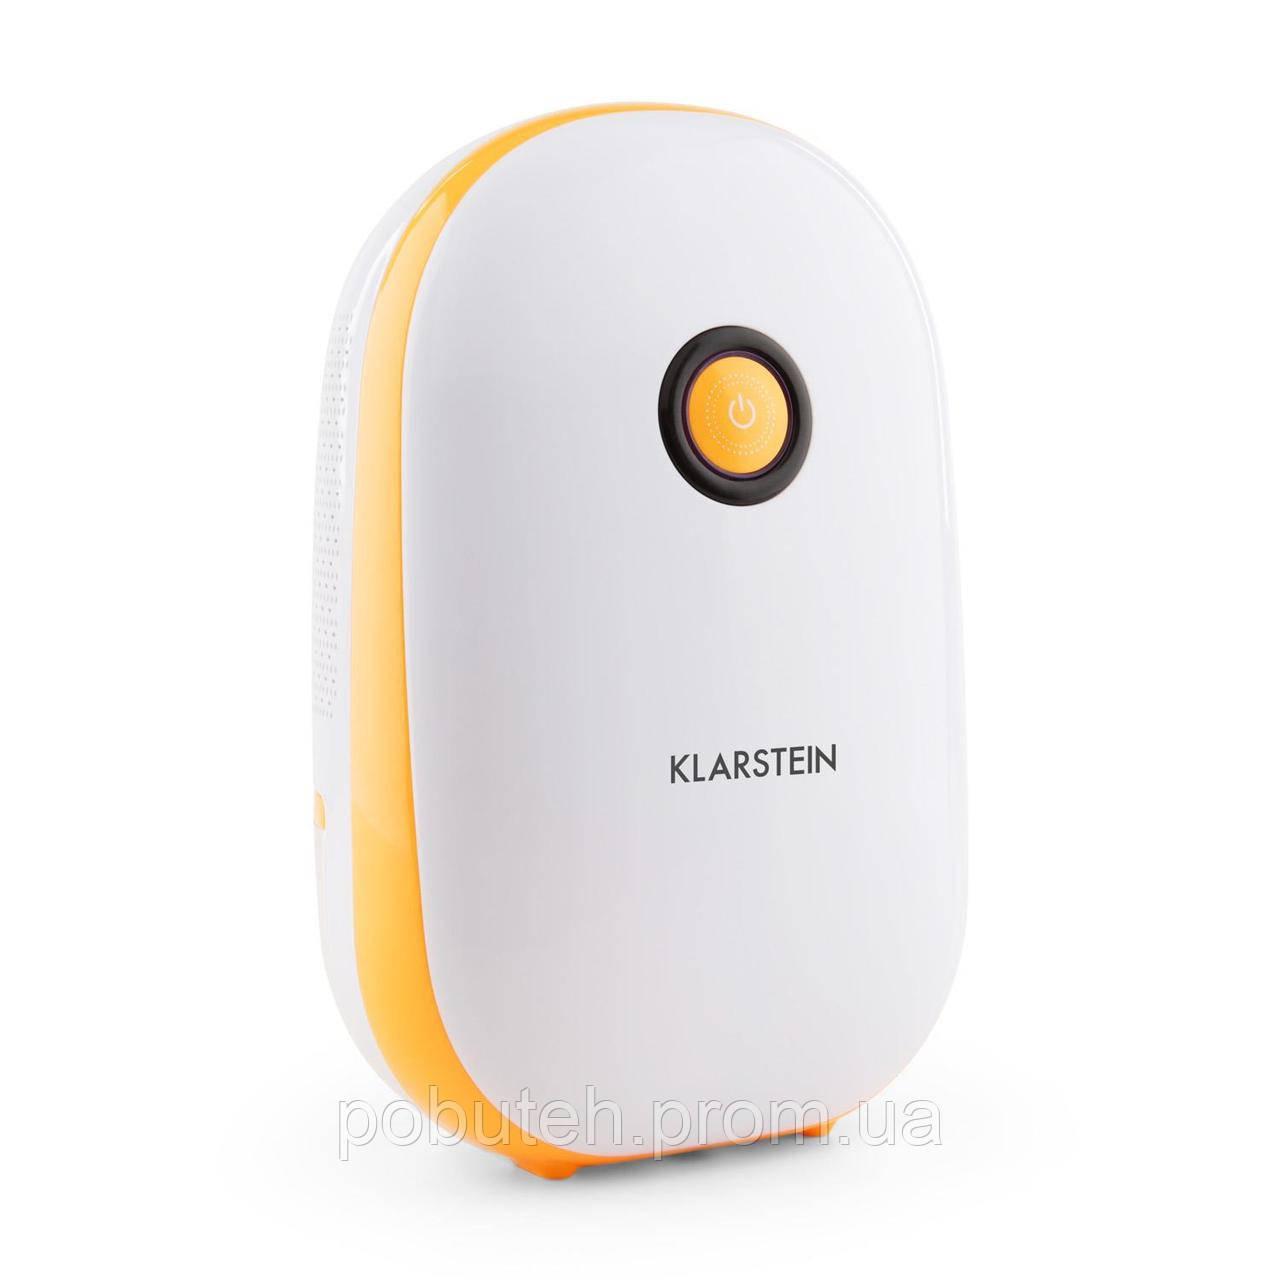 Осушитель воздуха Klarstein